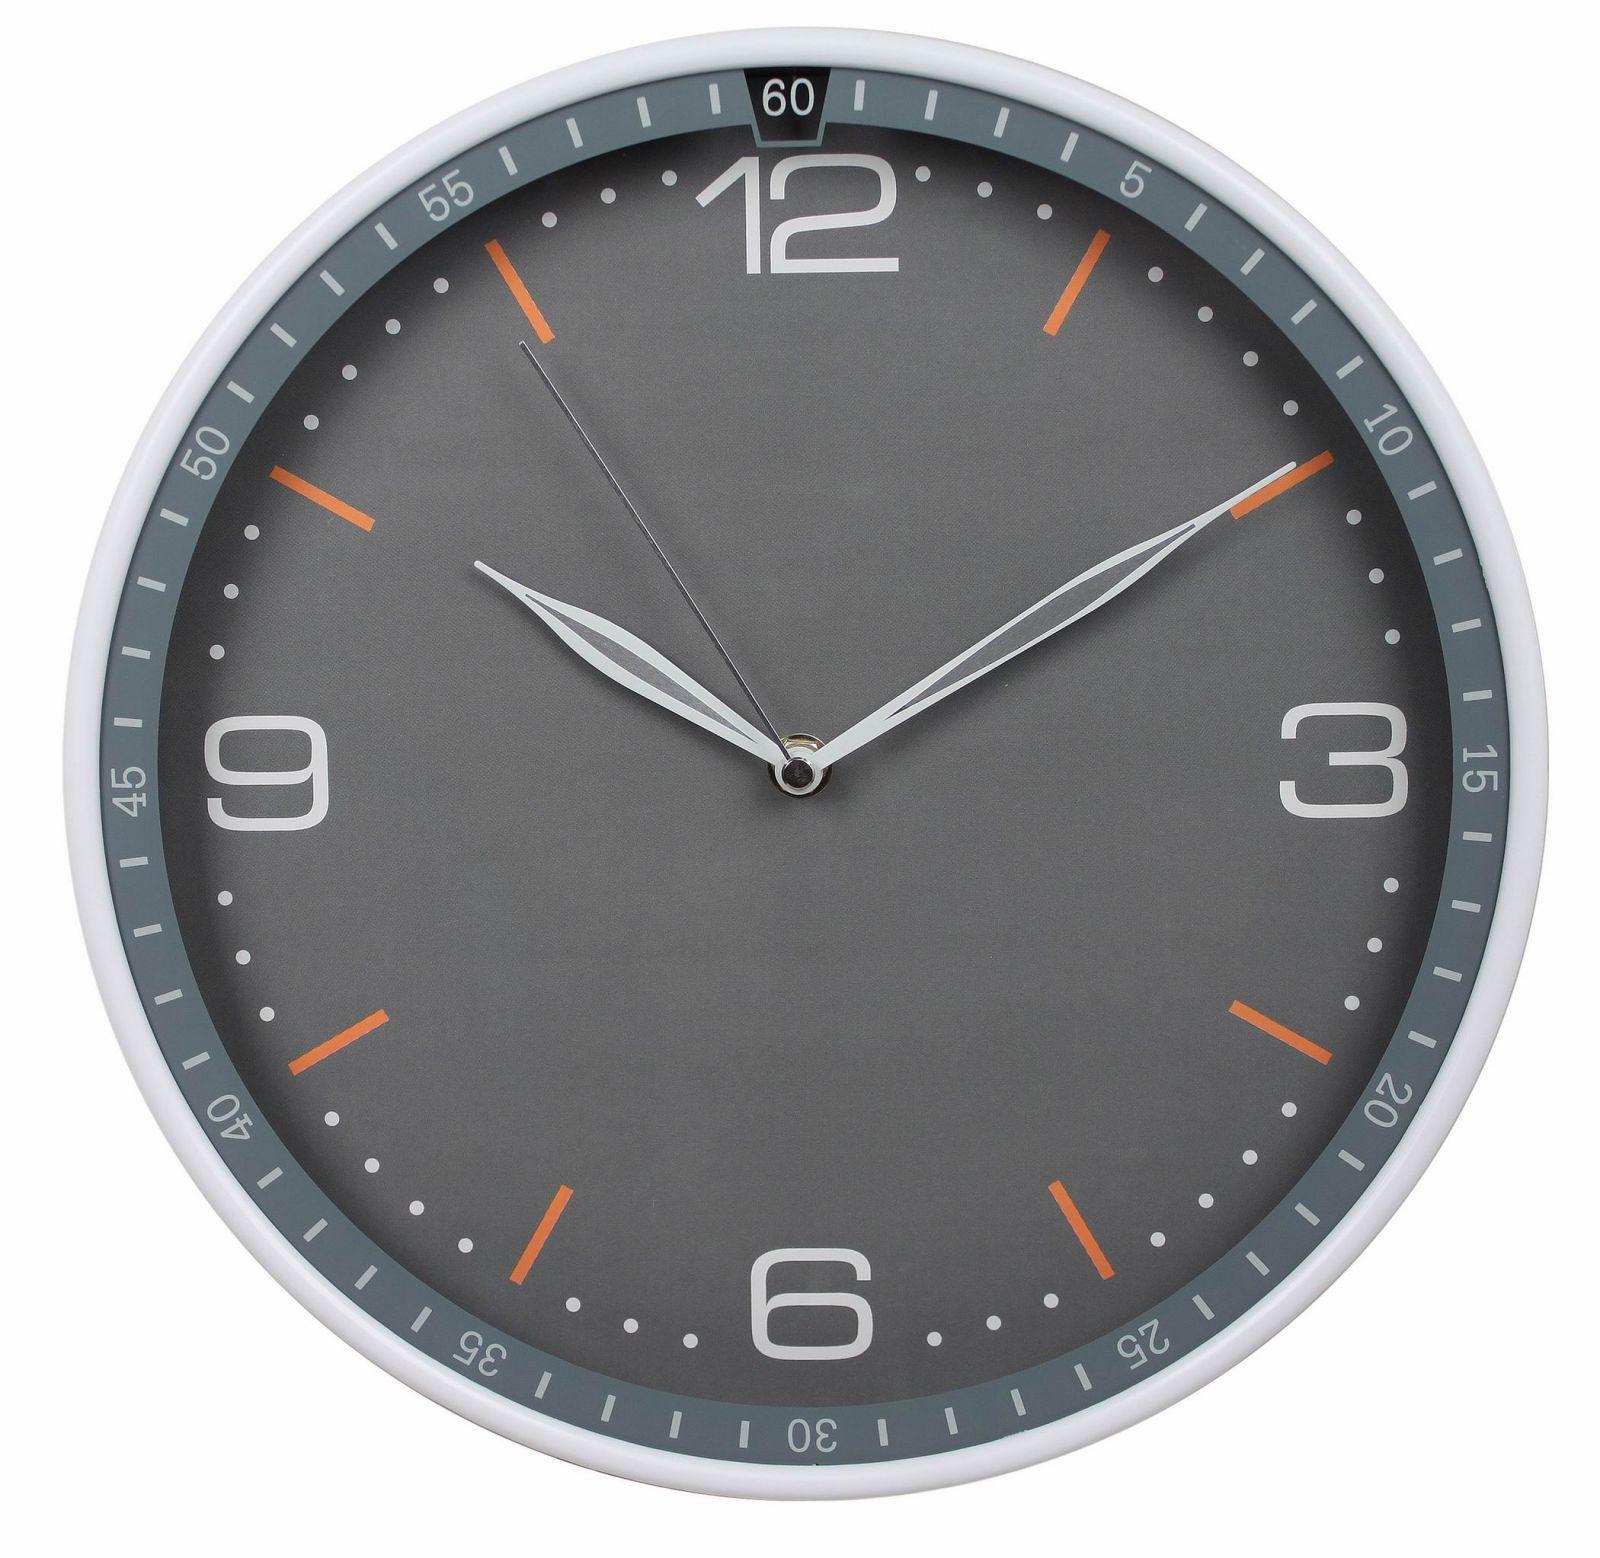 Nástěnné analogové hodiny Classic, 30 cm, stříbrno-šedé